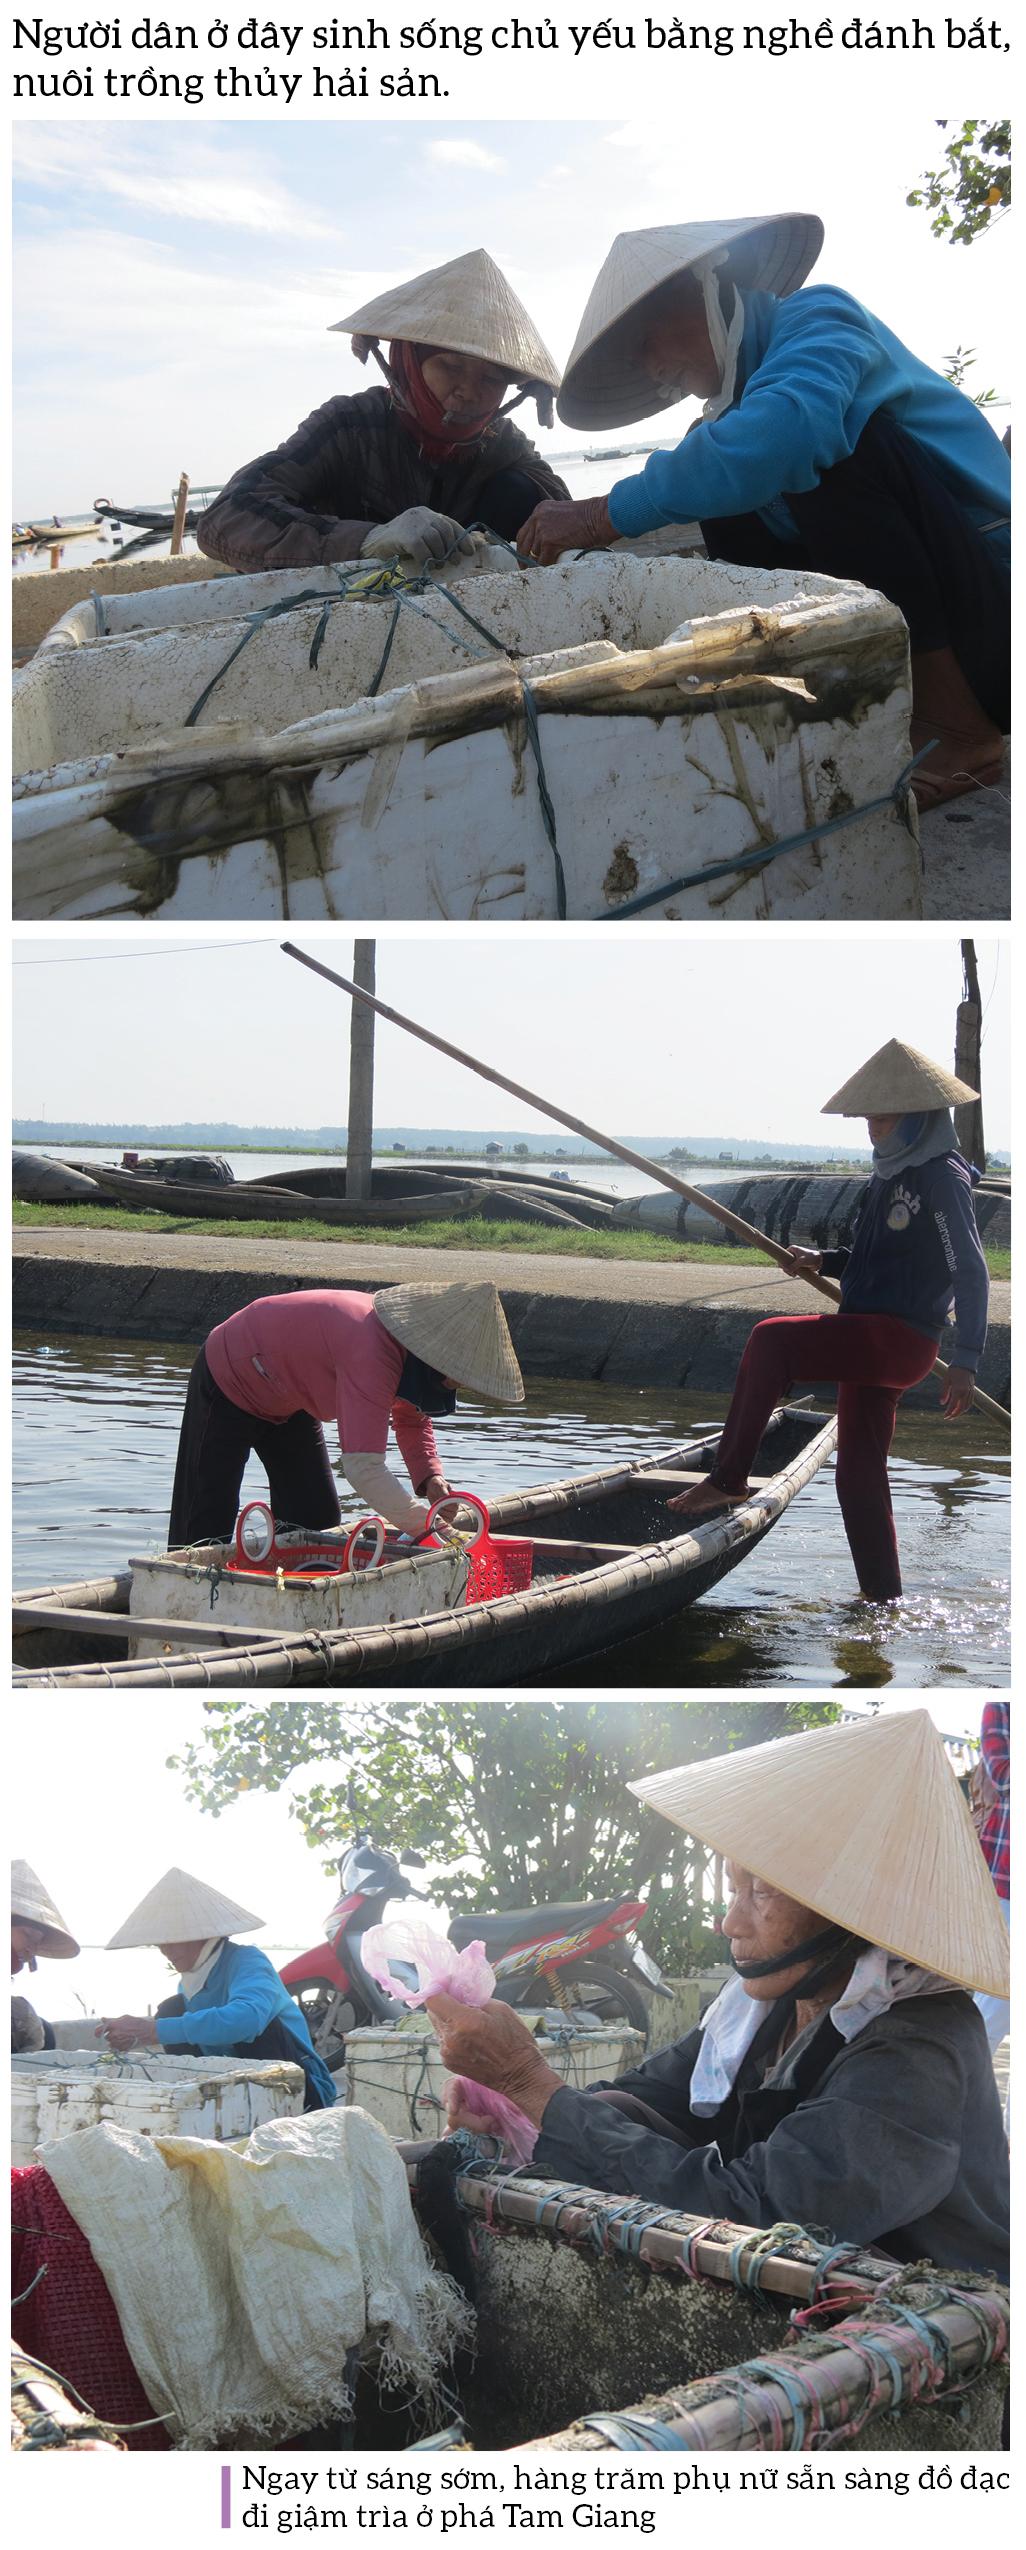 Bình yên sông nước phá Tam Giang ảnh 6